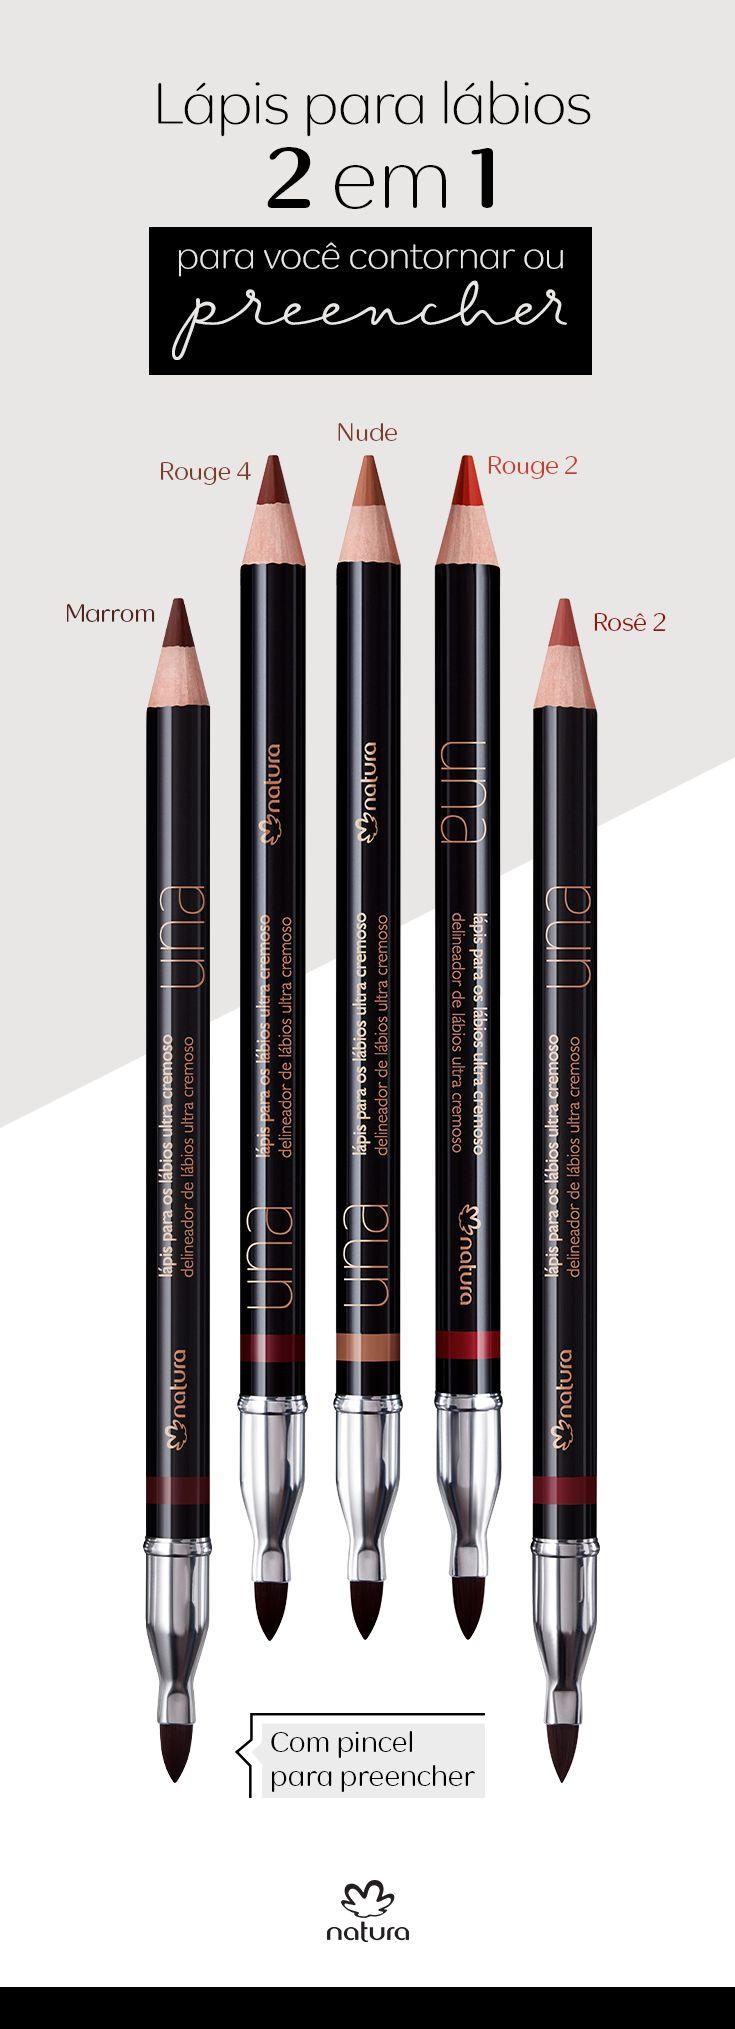 Você conhece os Lápis para lábios ultracremosos de Natura Una? Eles são 2 em 1: vêm com ponta para contornar os lábios e pincel para preencher e aplicar como batom. Compre o seu!